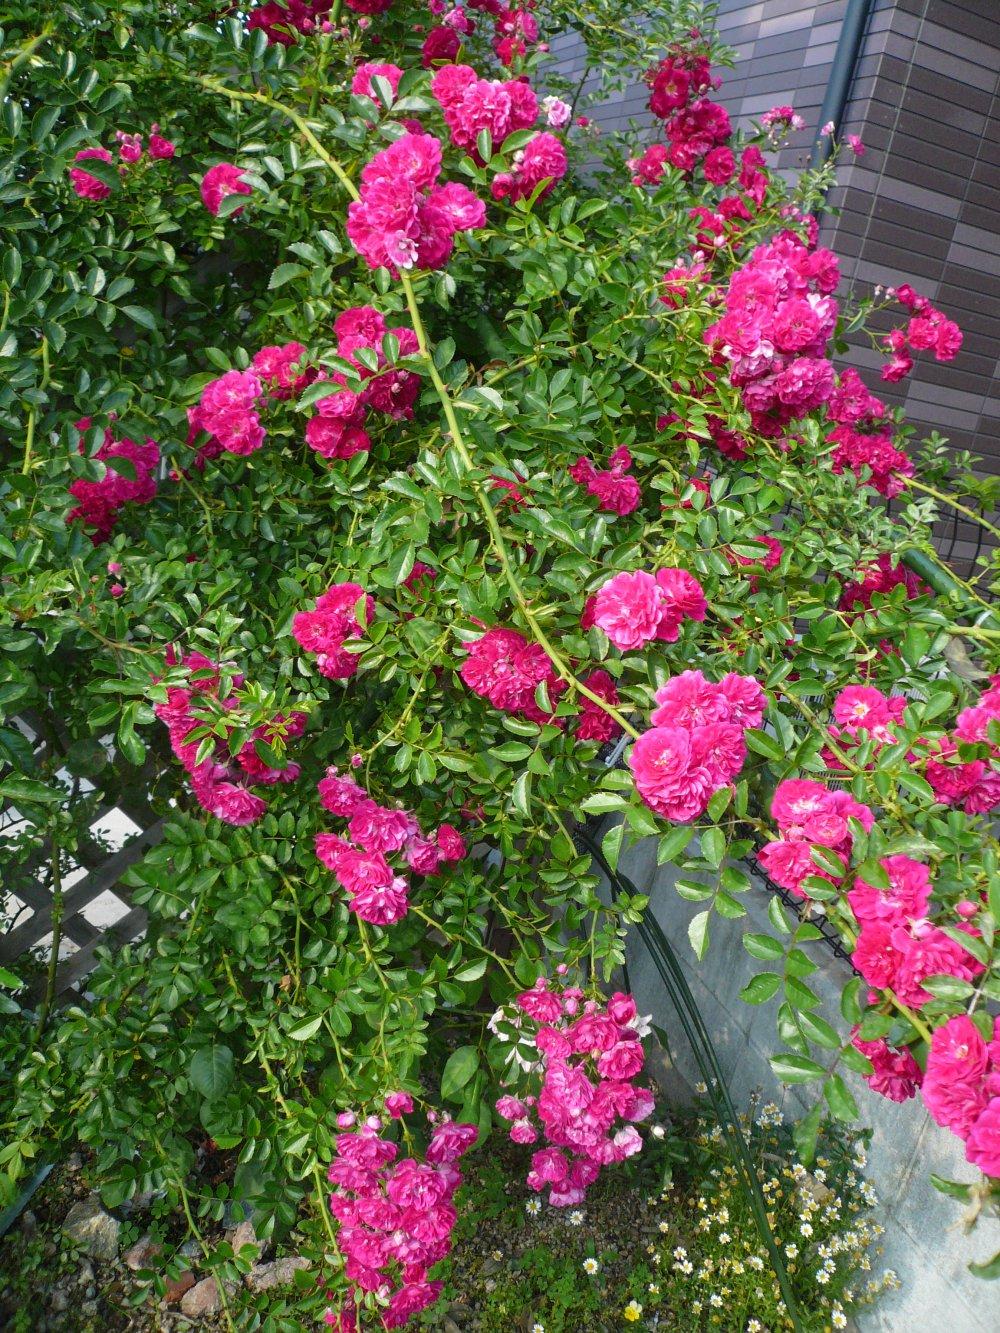 Minhas Rosasminhas floresmeu jardim Minha linda roseira Blue